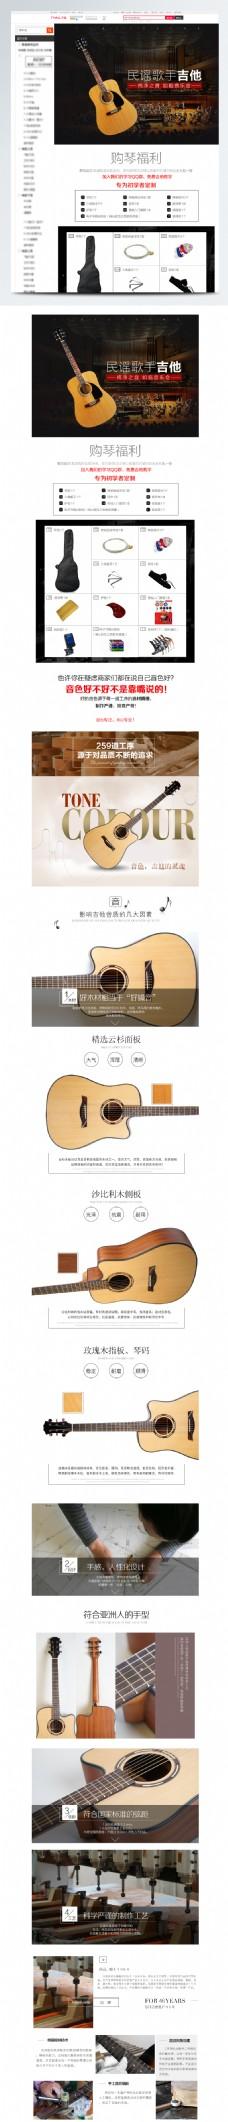 吉他乐器详情设计模板